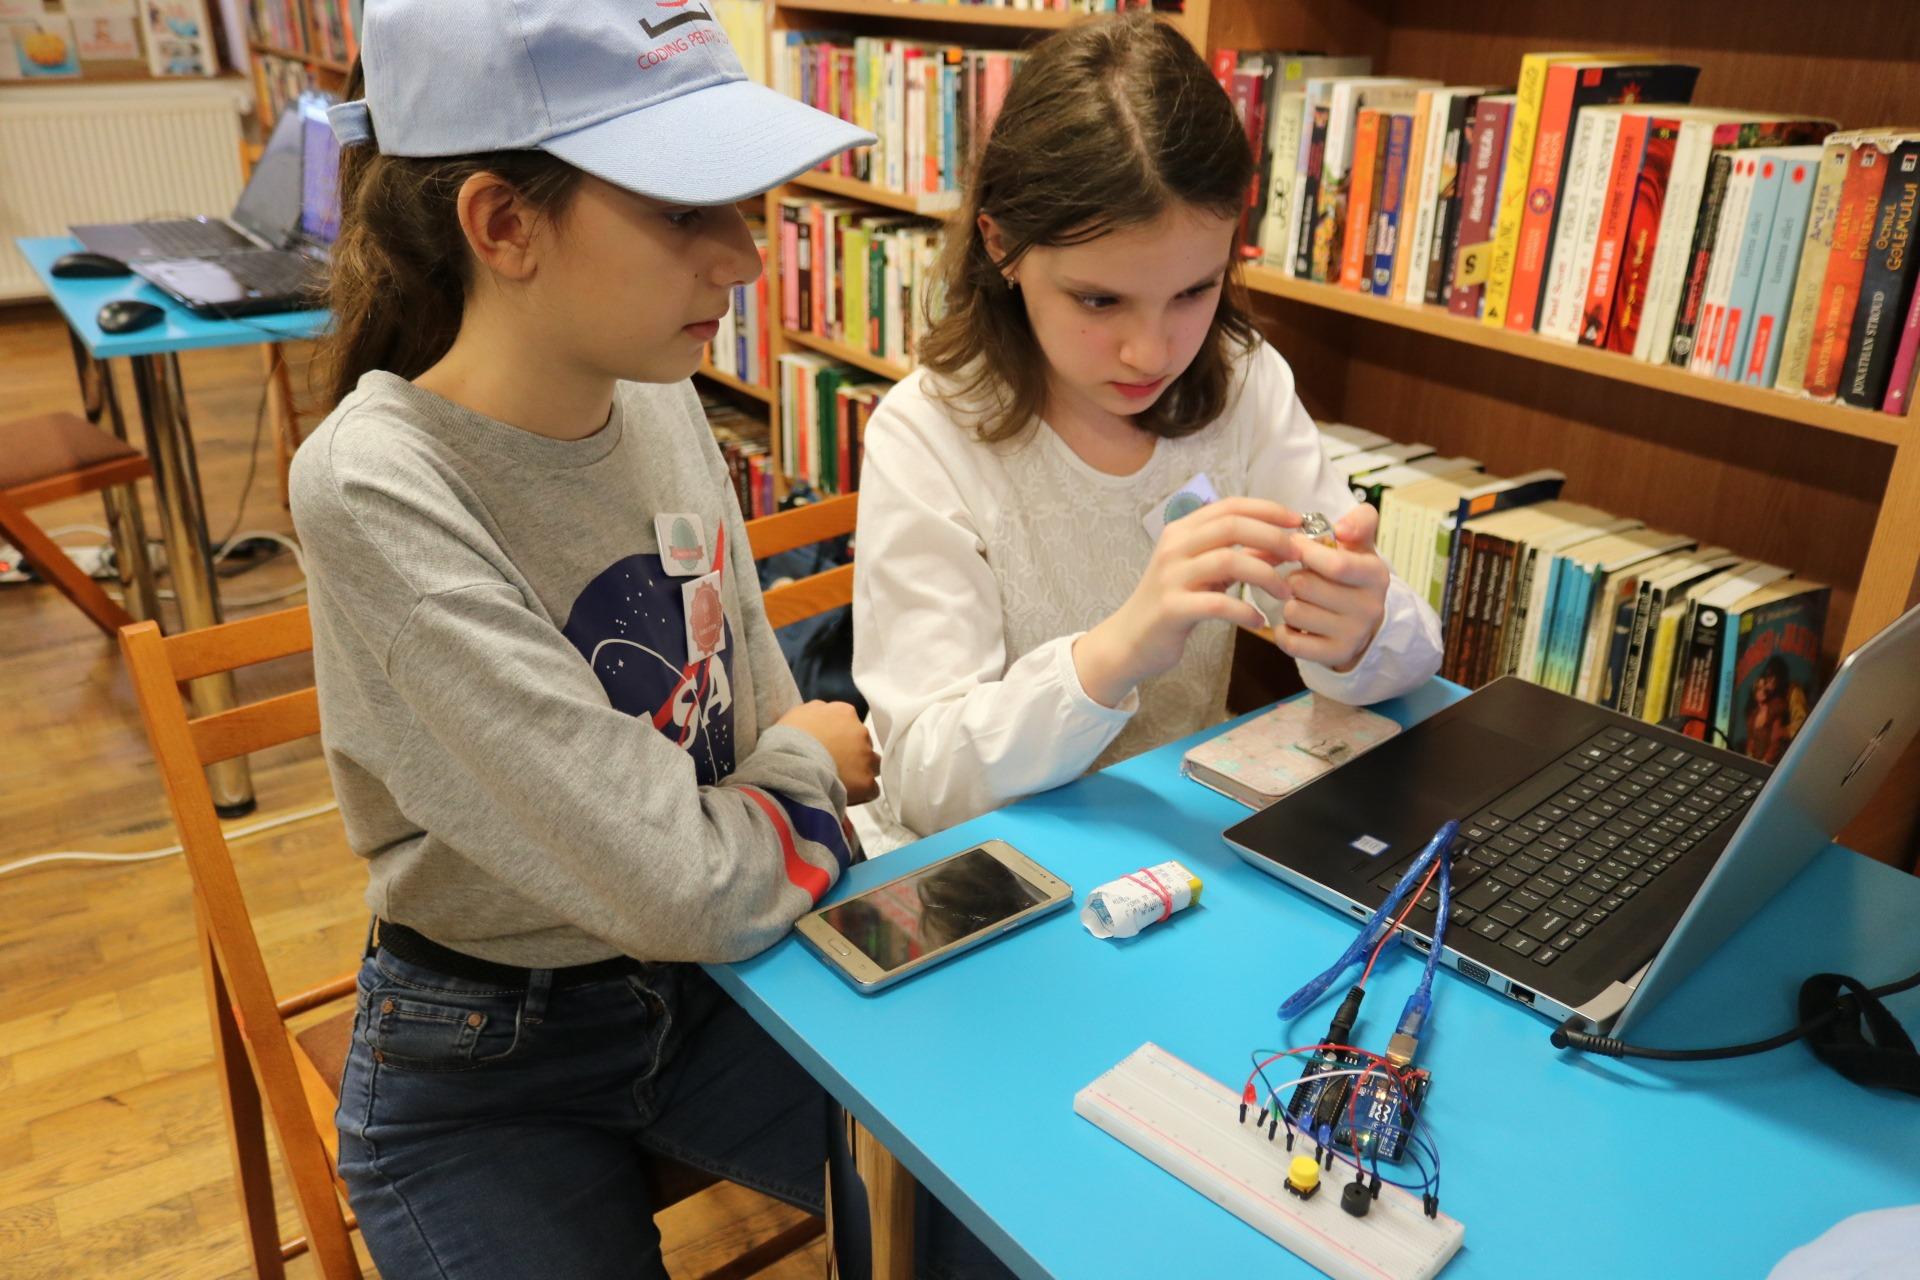 CODE Kids - Copiii fac coding în bibliotecile publice